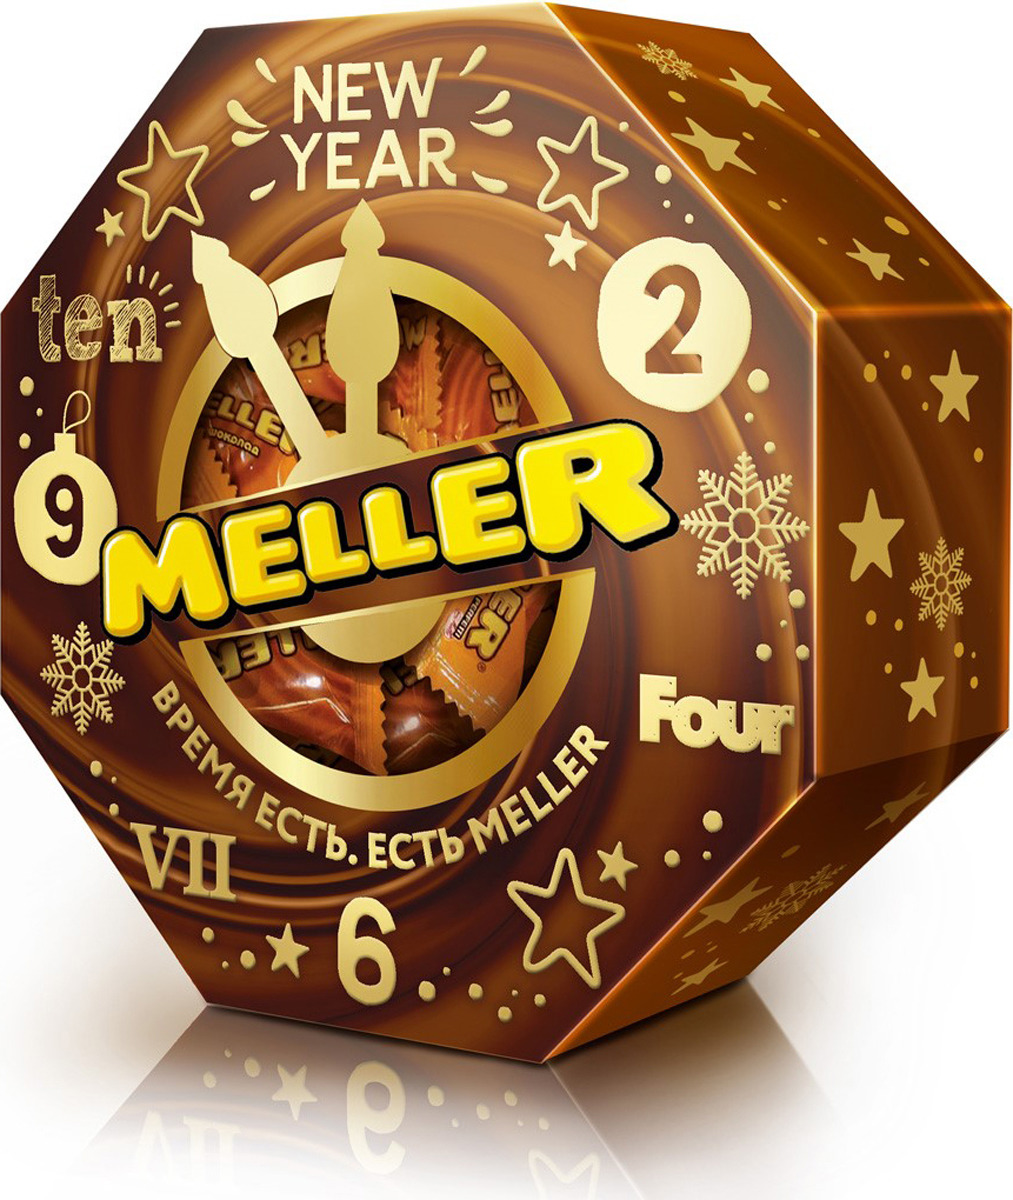 """Meller """"Часы"""" подарочный набор Ирис Meller """"Шоколад"""", каждая ириска Meller в индивидуальной упаковке. Легендарный и признанный всеми мастерами растягивателей моментов. Проверен миллионами испытаний в реальных условиях. Способен растягивать даже самые ленивые моменты. Меллер классический прошел испытания на диване, на газоне и даже на матрасе в бассейне. Эффективность в этих условиях не теряется, даже самое замедленное событие стабильно замедляется минимум в 5 раз. При этом улавливается даже самое незаметное движение: взмахи крыльев, образование пара, падение волоса и даже движение воздушных масс."""